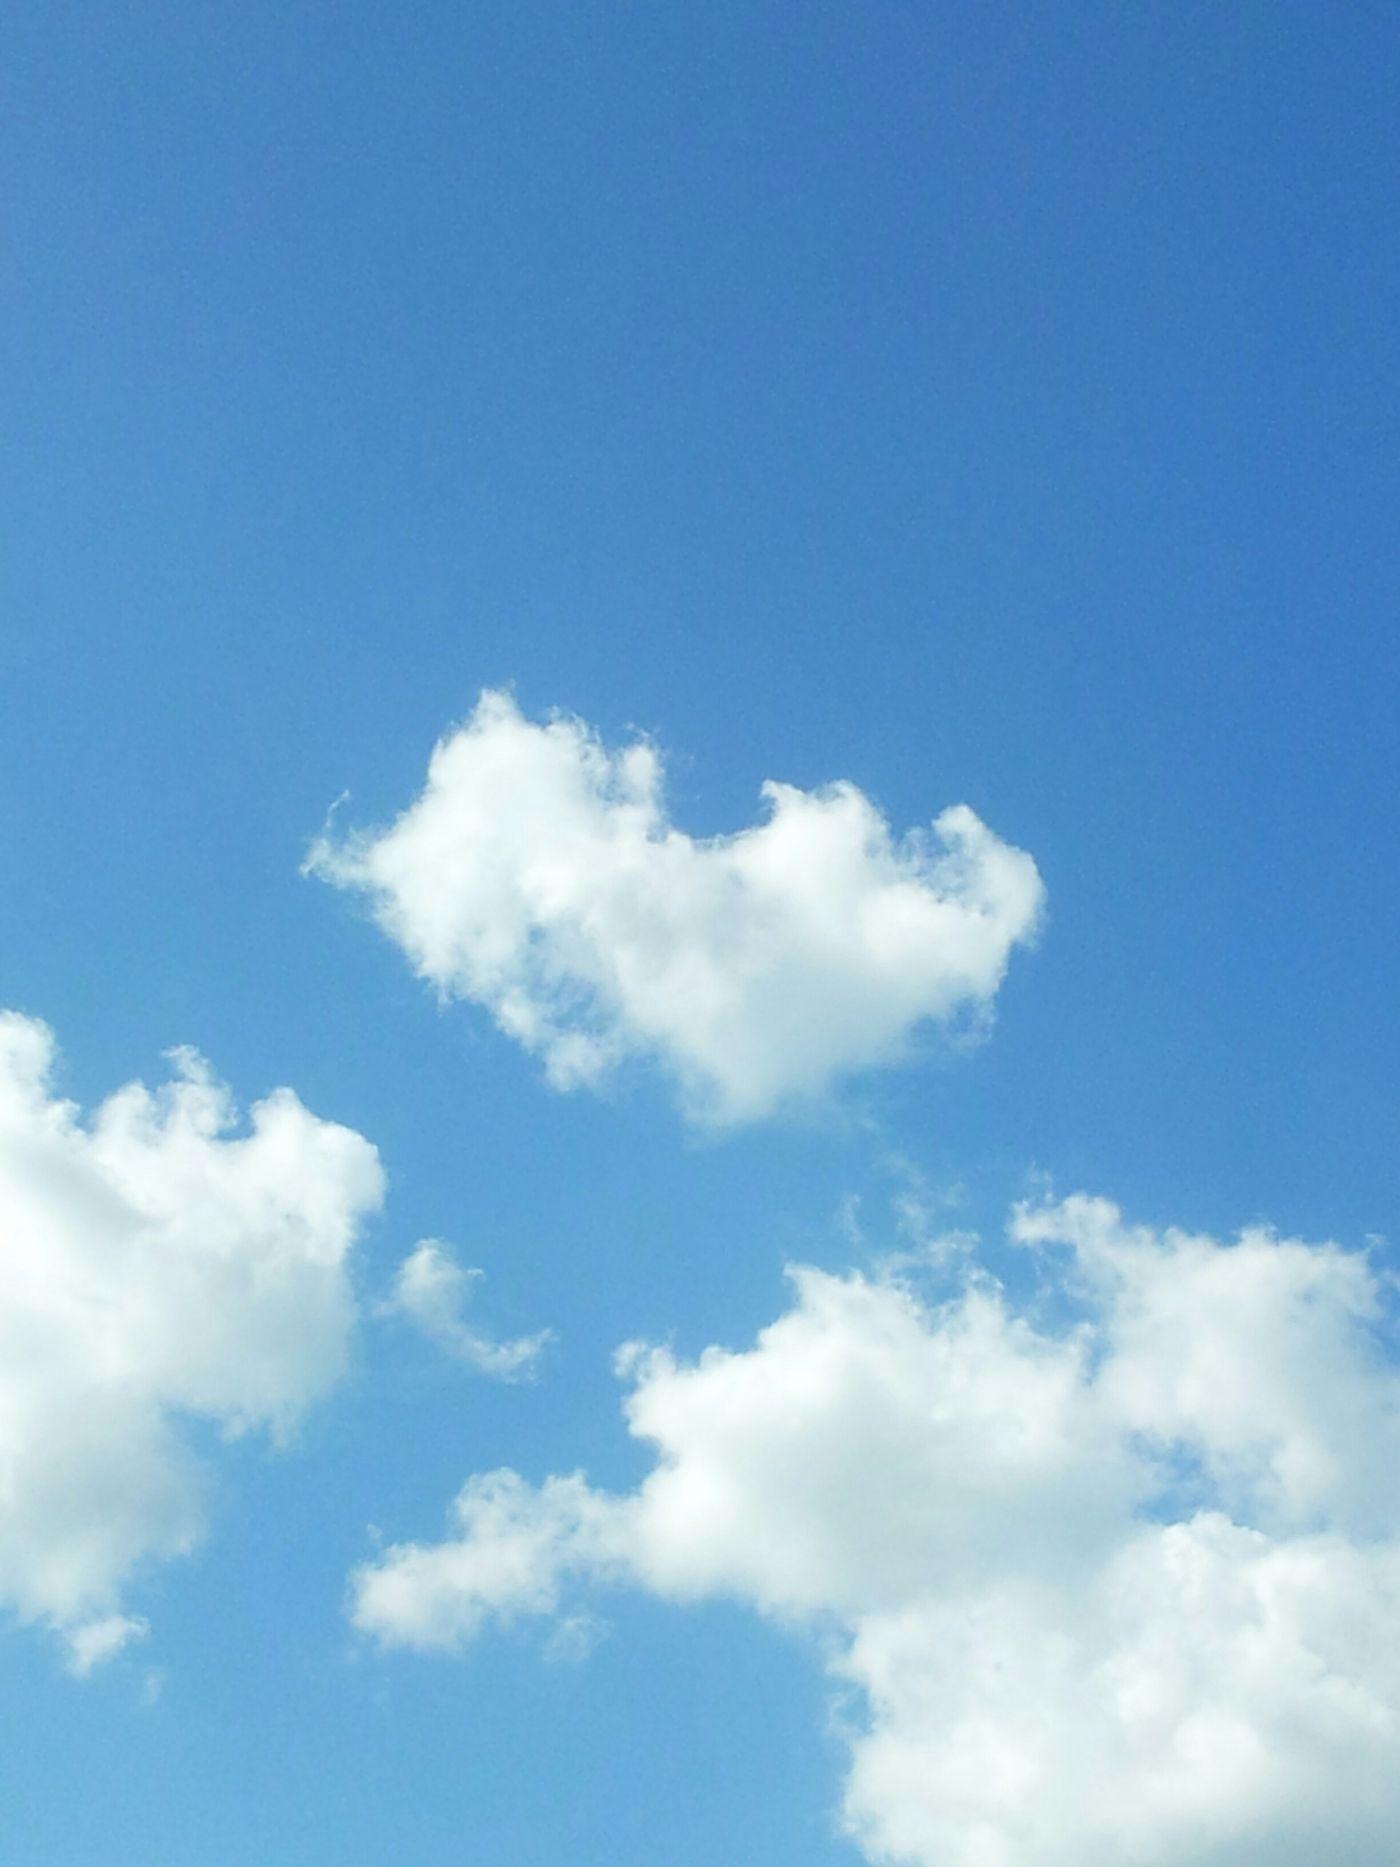 облако небо и облака небо бридлингтон моелюбимоенебо небеса